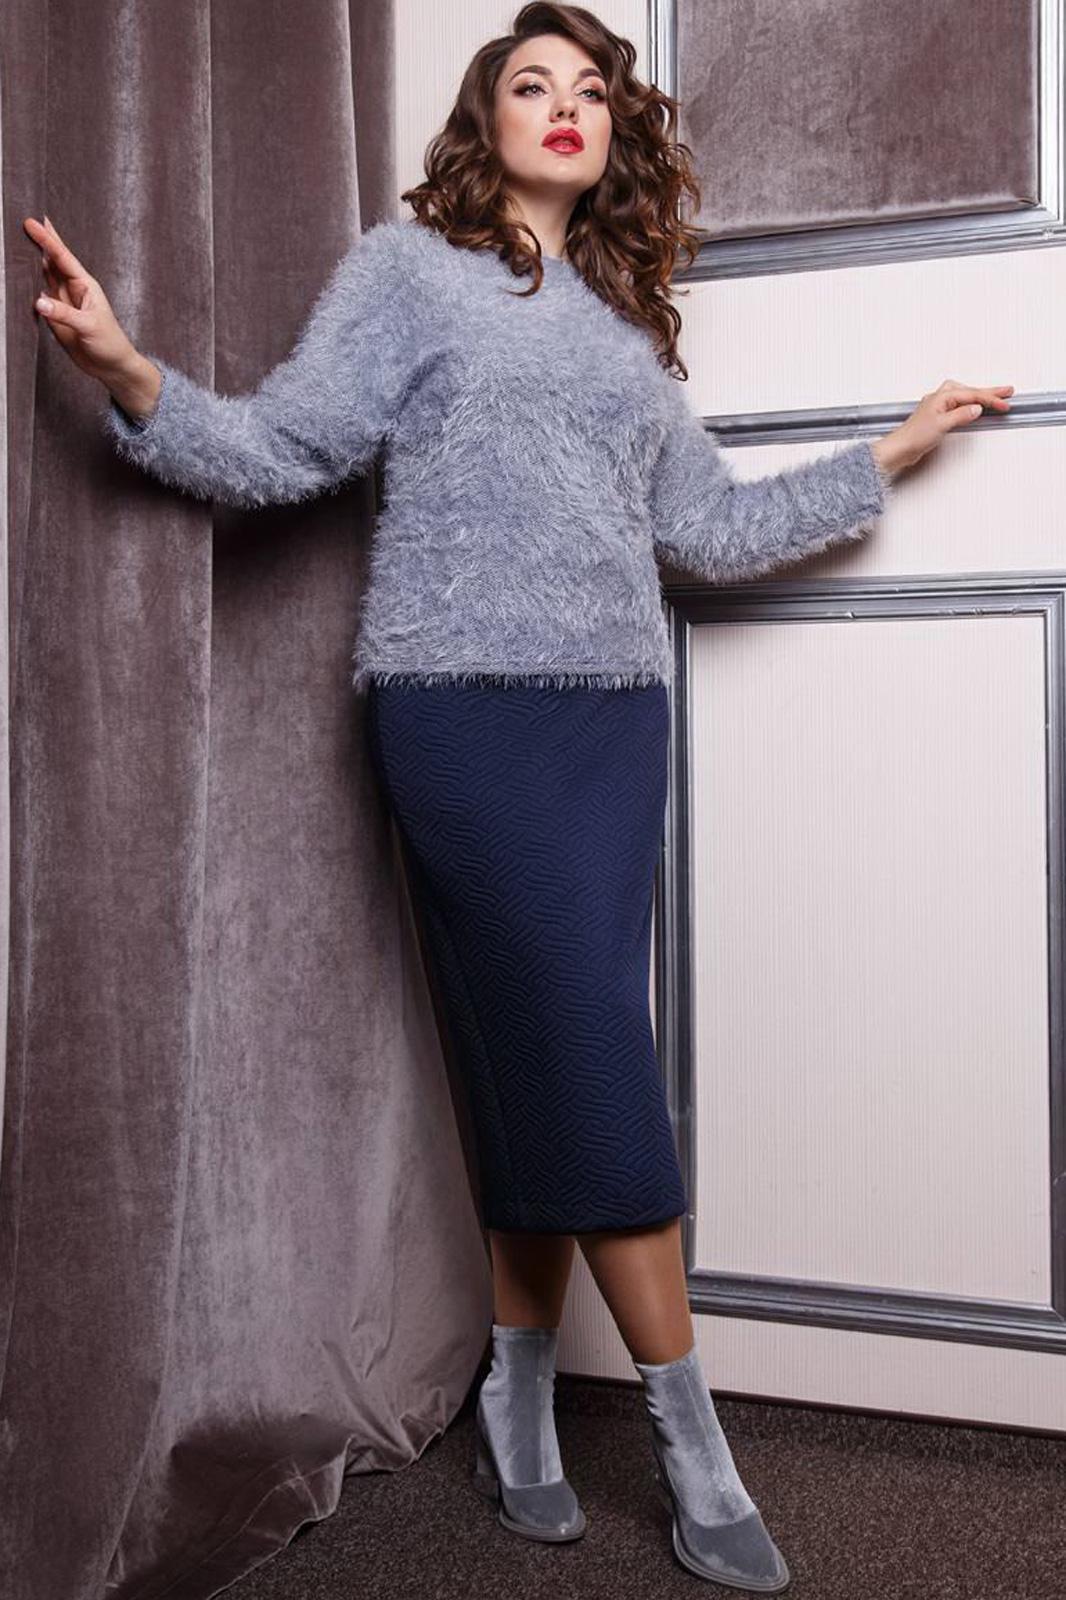 Купить женскую одежду в минске по интернету